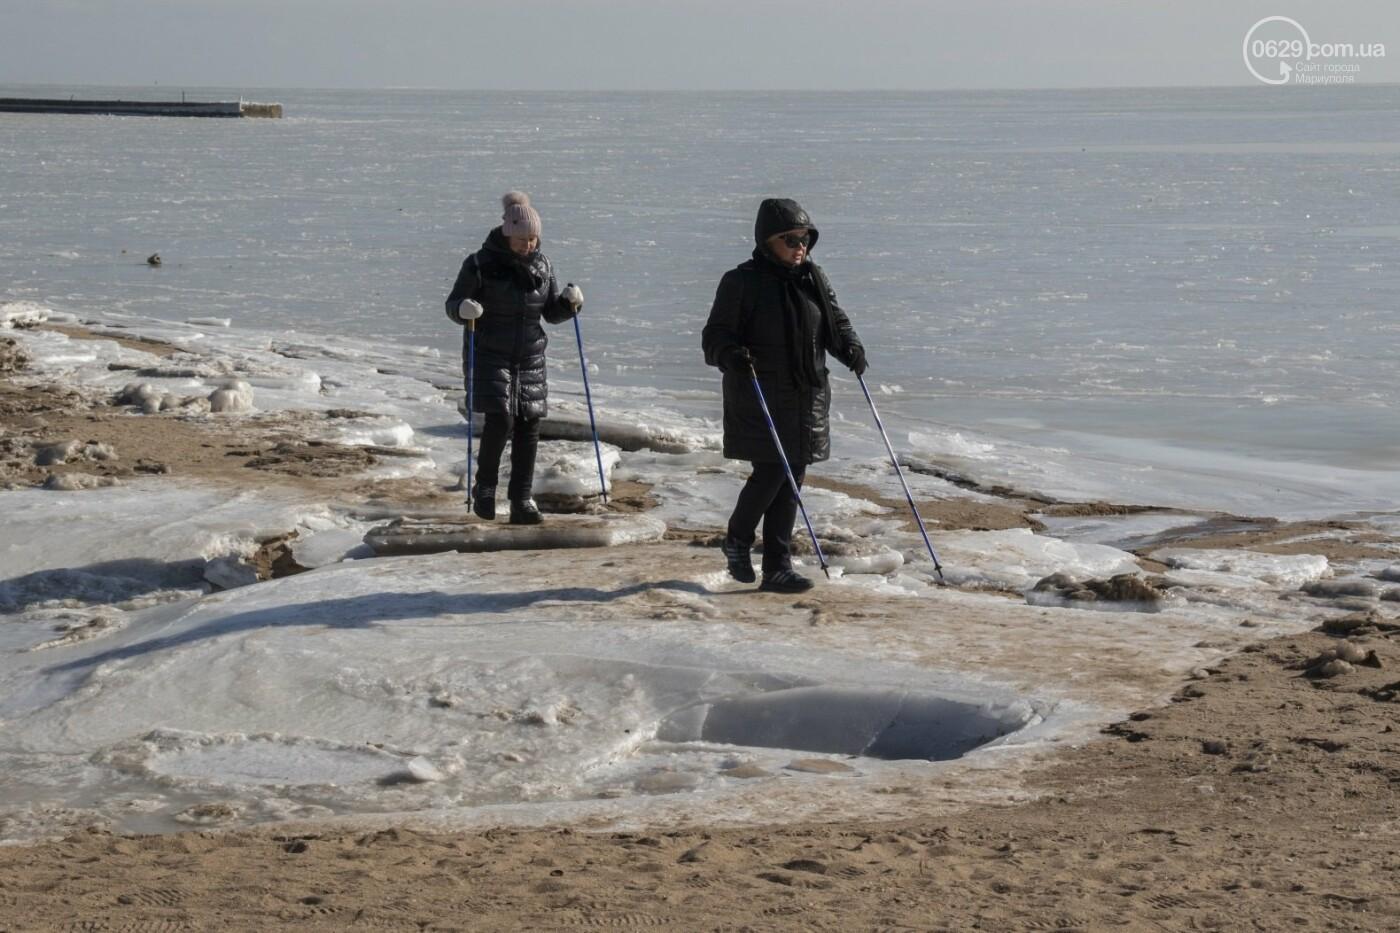 Встать в центр моря и не утонуть. 20 фотографий зимнего Азова в Мариуполе, - ФОТОРЕПОРТАЖ, фото-13